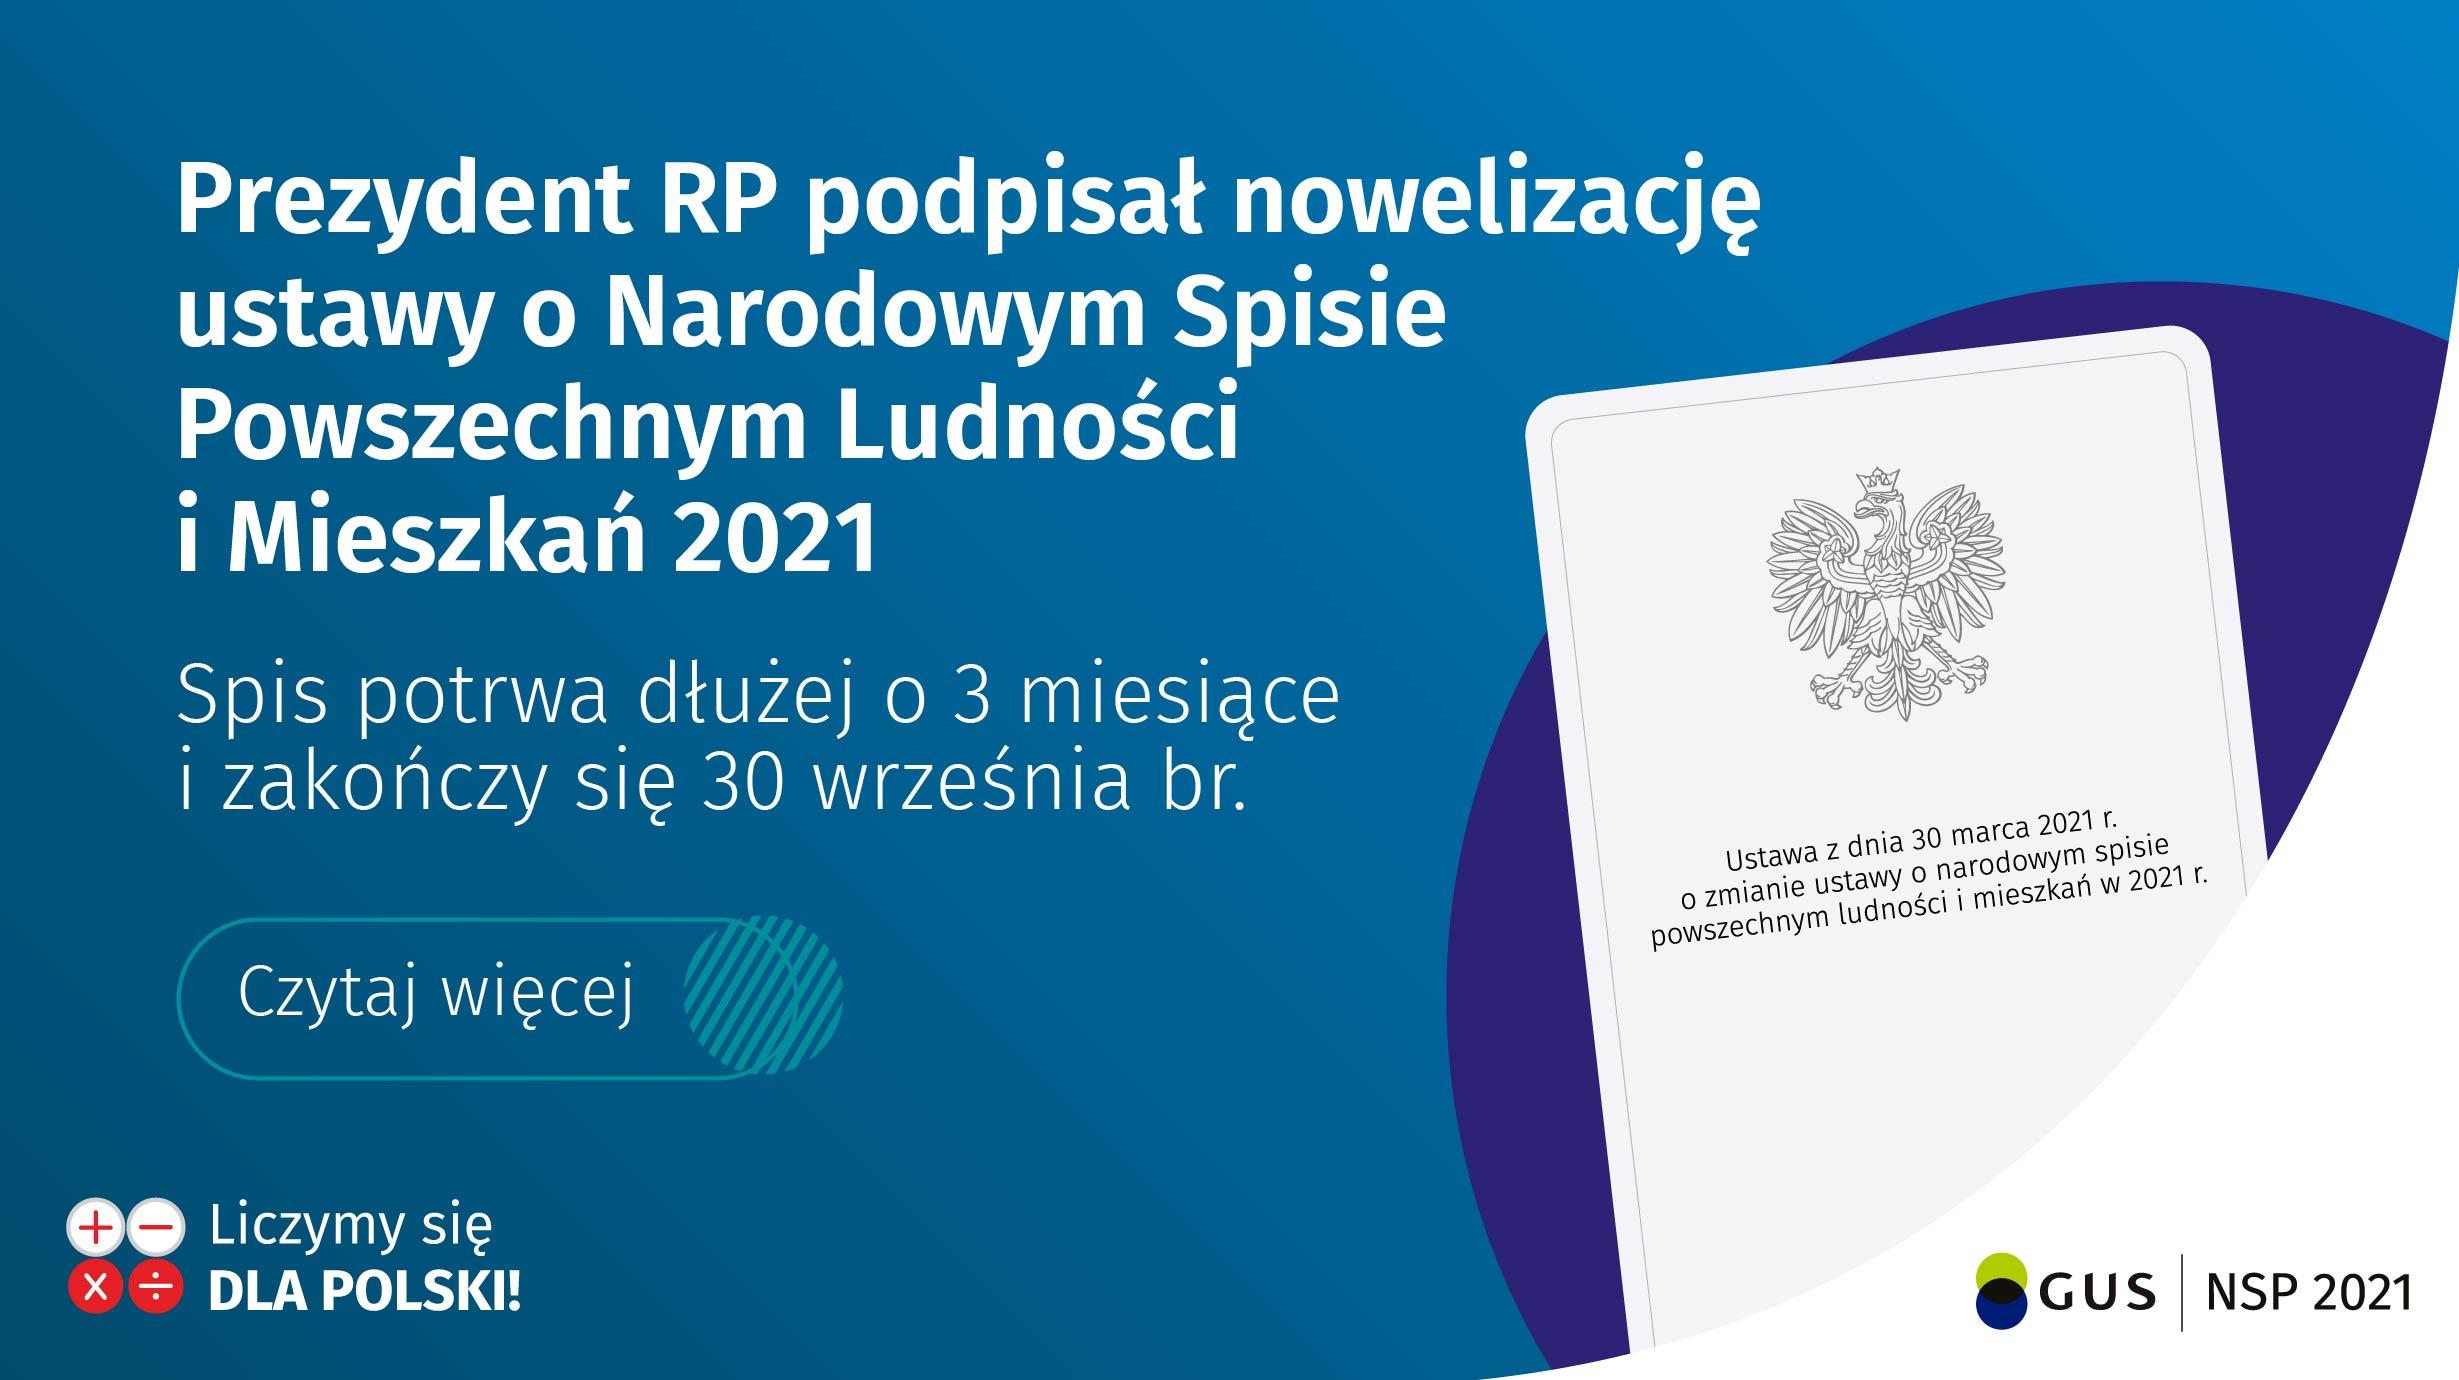 Nowelizacja_ustawy_o_nsp_02-04-2021-1